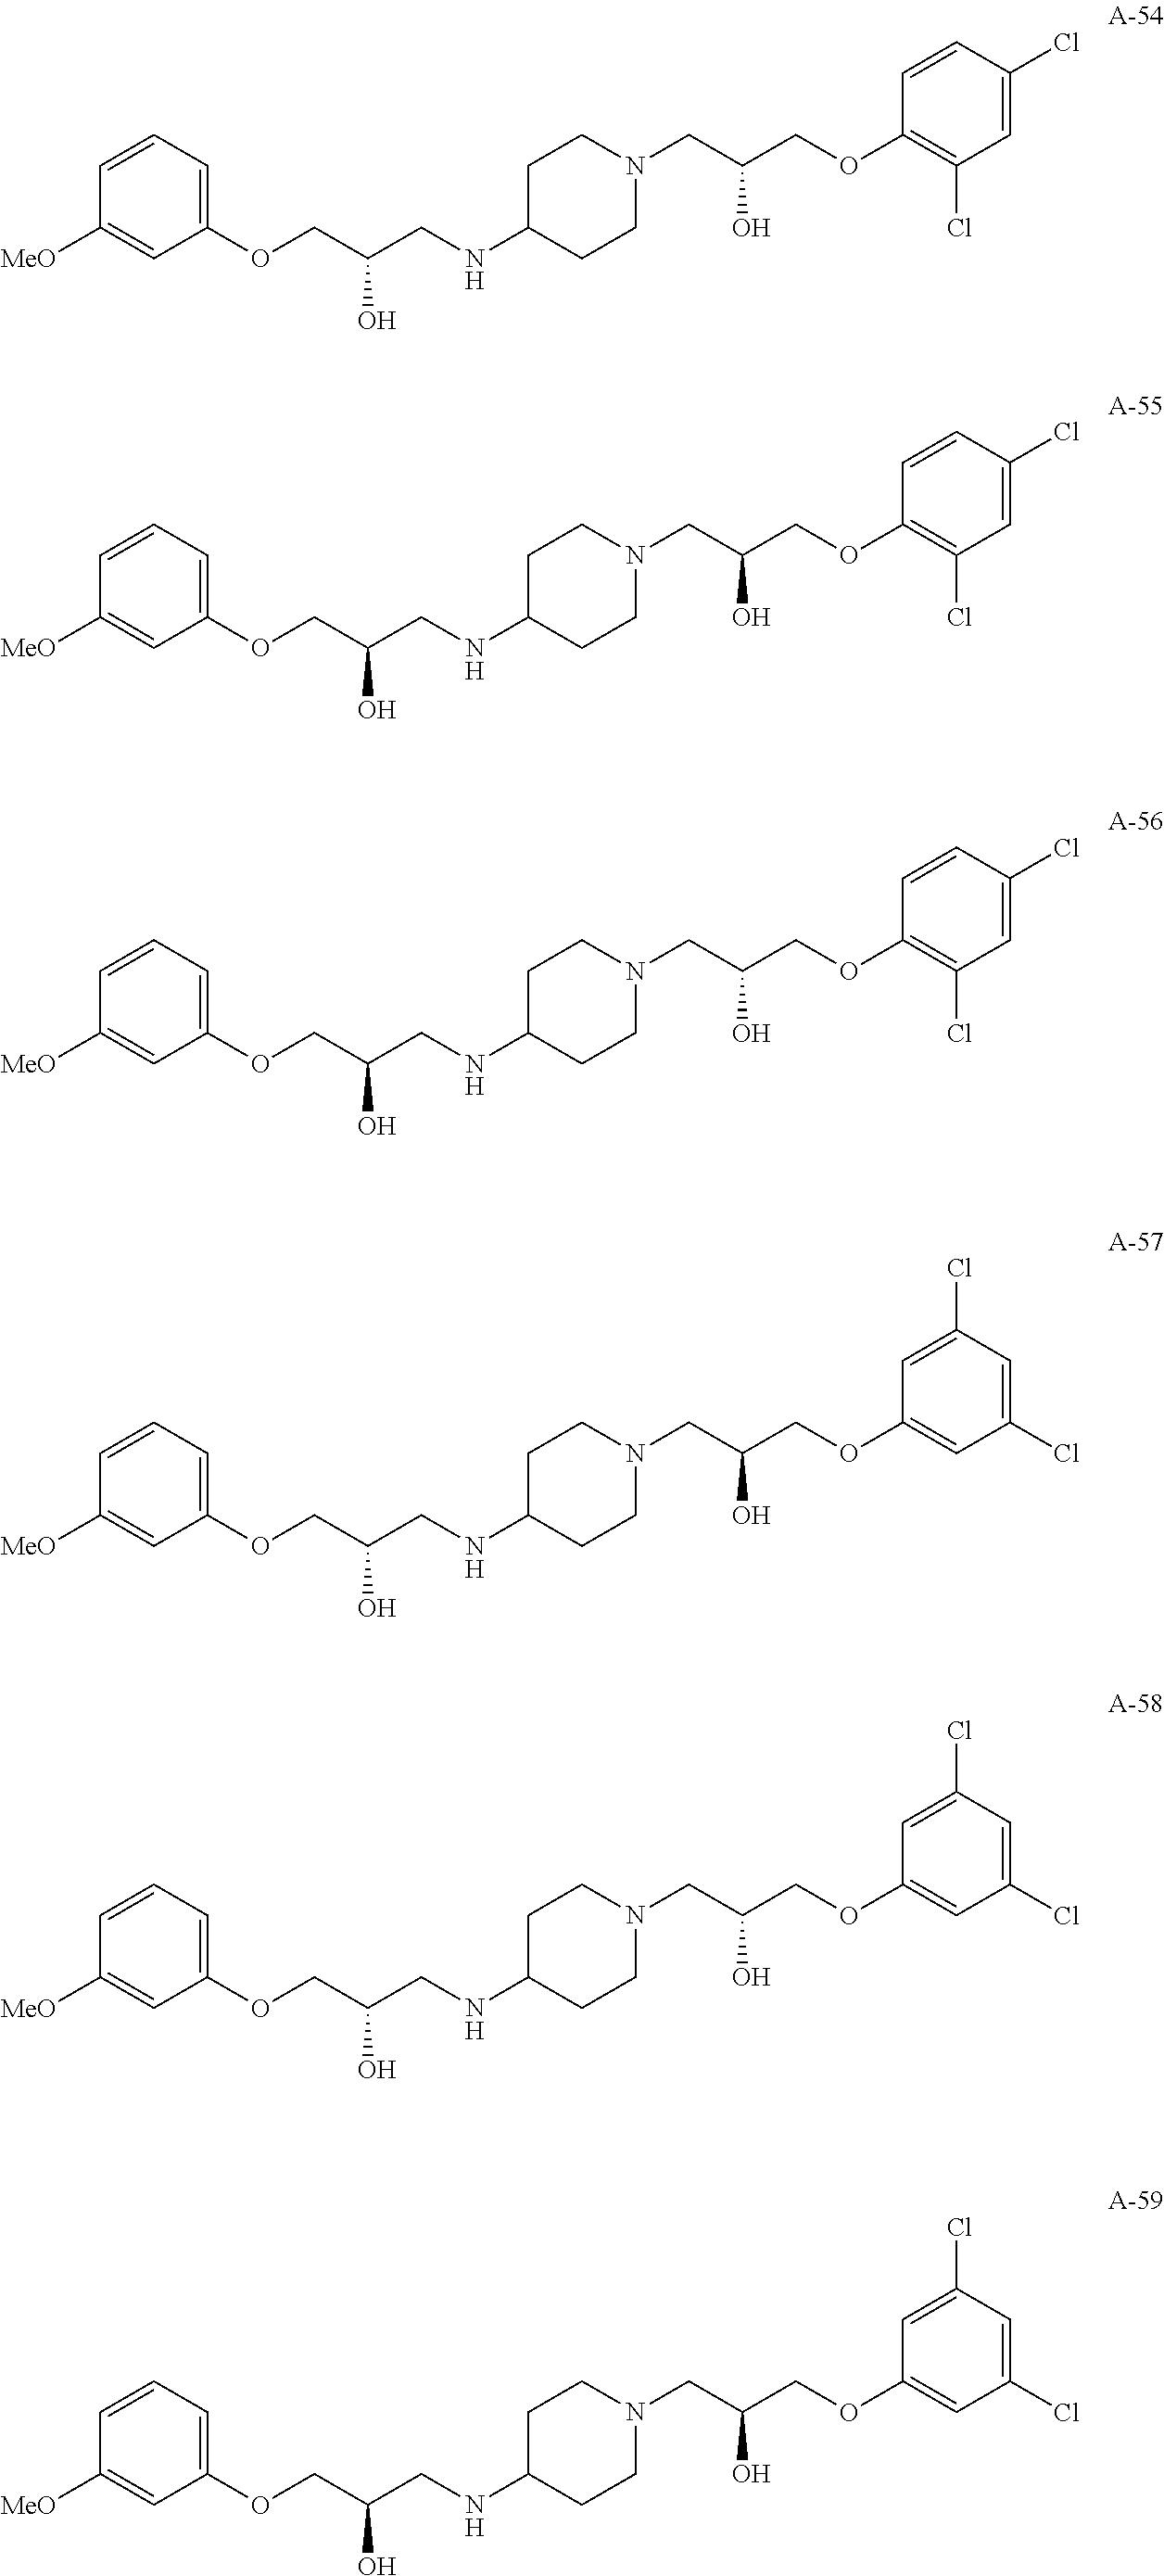 Figure US20190100493A1-20190404-C00014